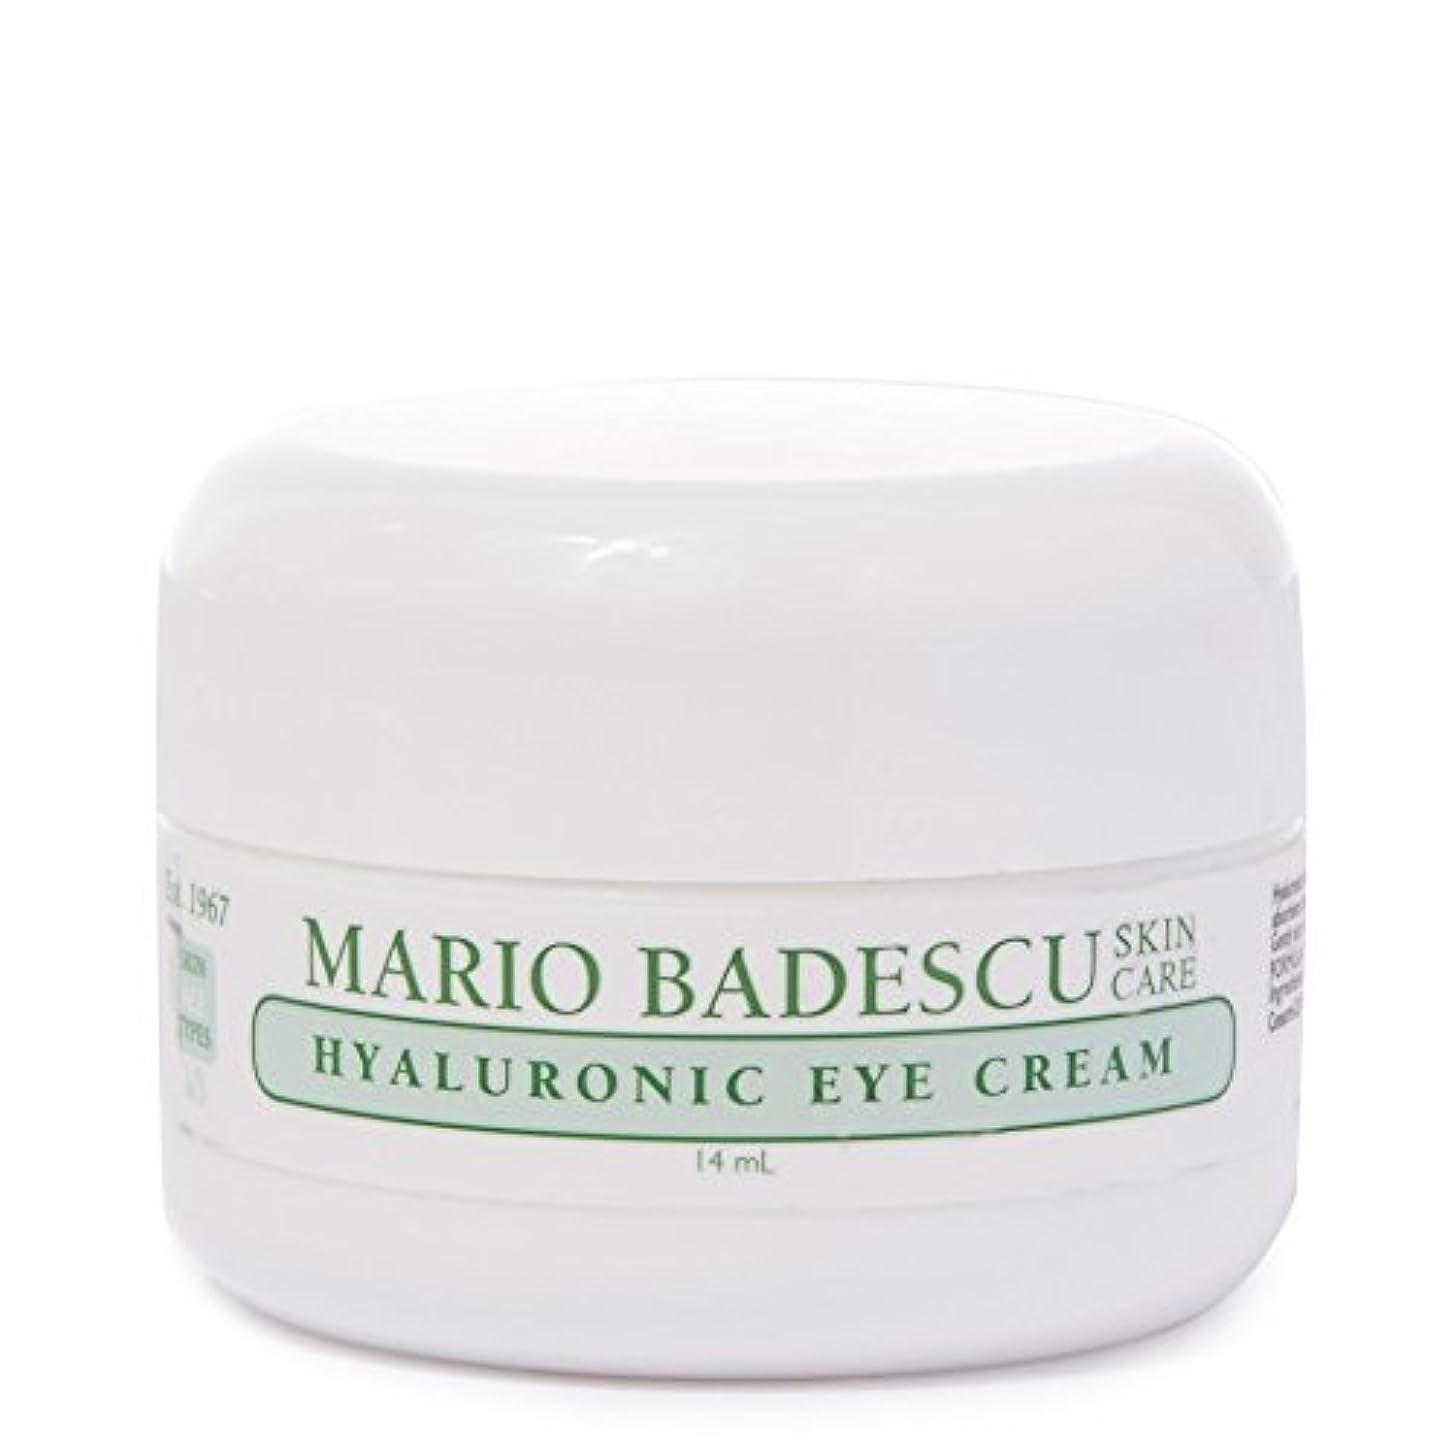 散歩ナプキン効能マリオ?バデスキューヒアルロンアイクリーム14ミリリットル x4 - Mario Badescu Hyaluronic Eye Cream 14ml (Pack of 4) [並行輸入品]